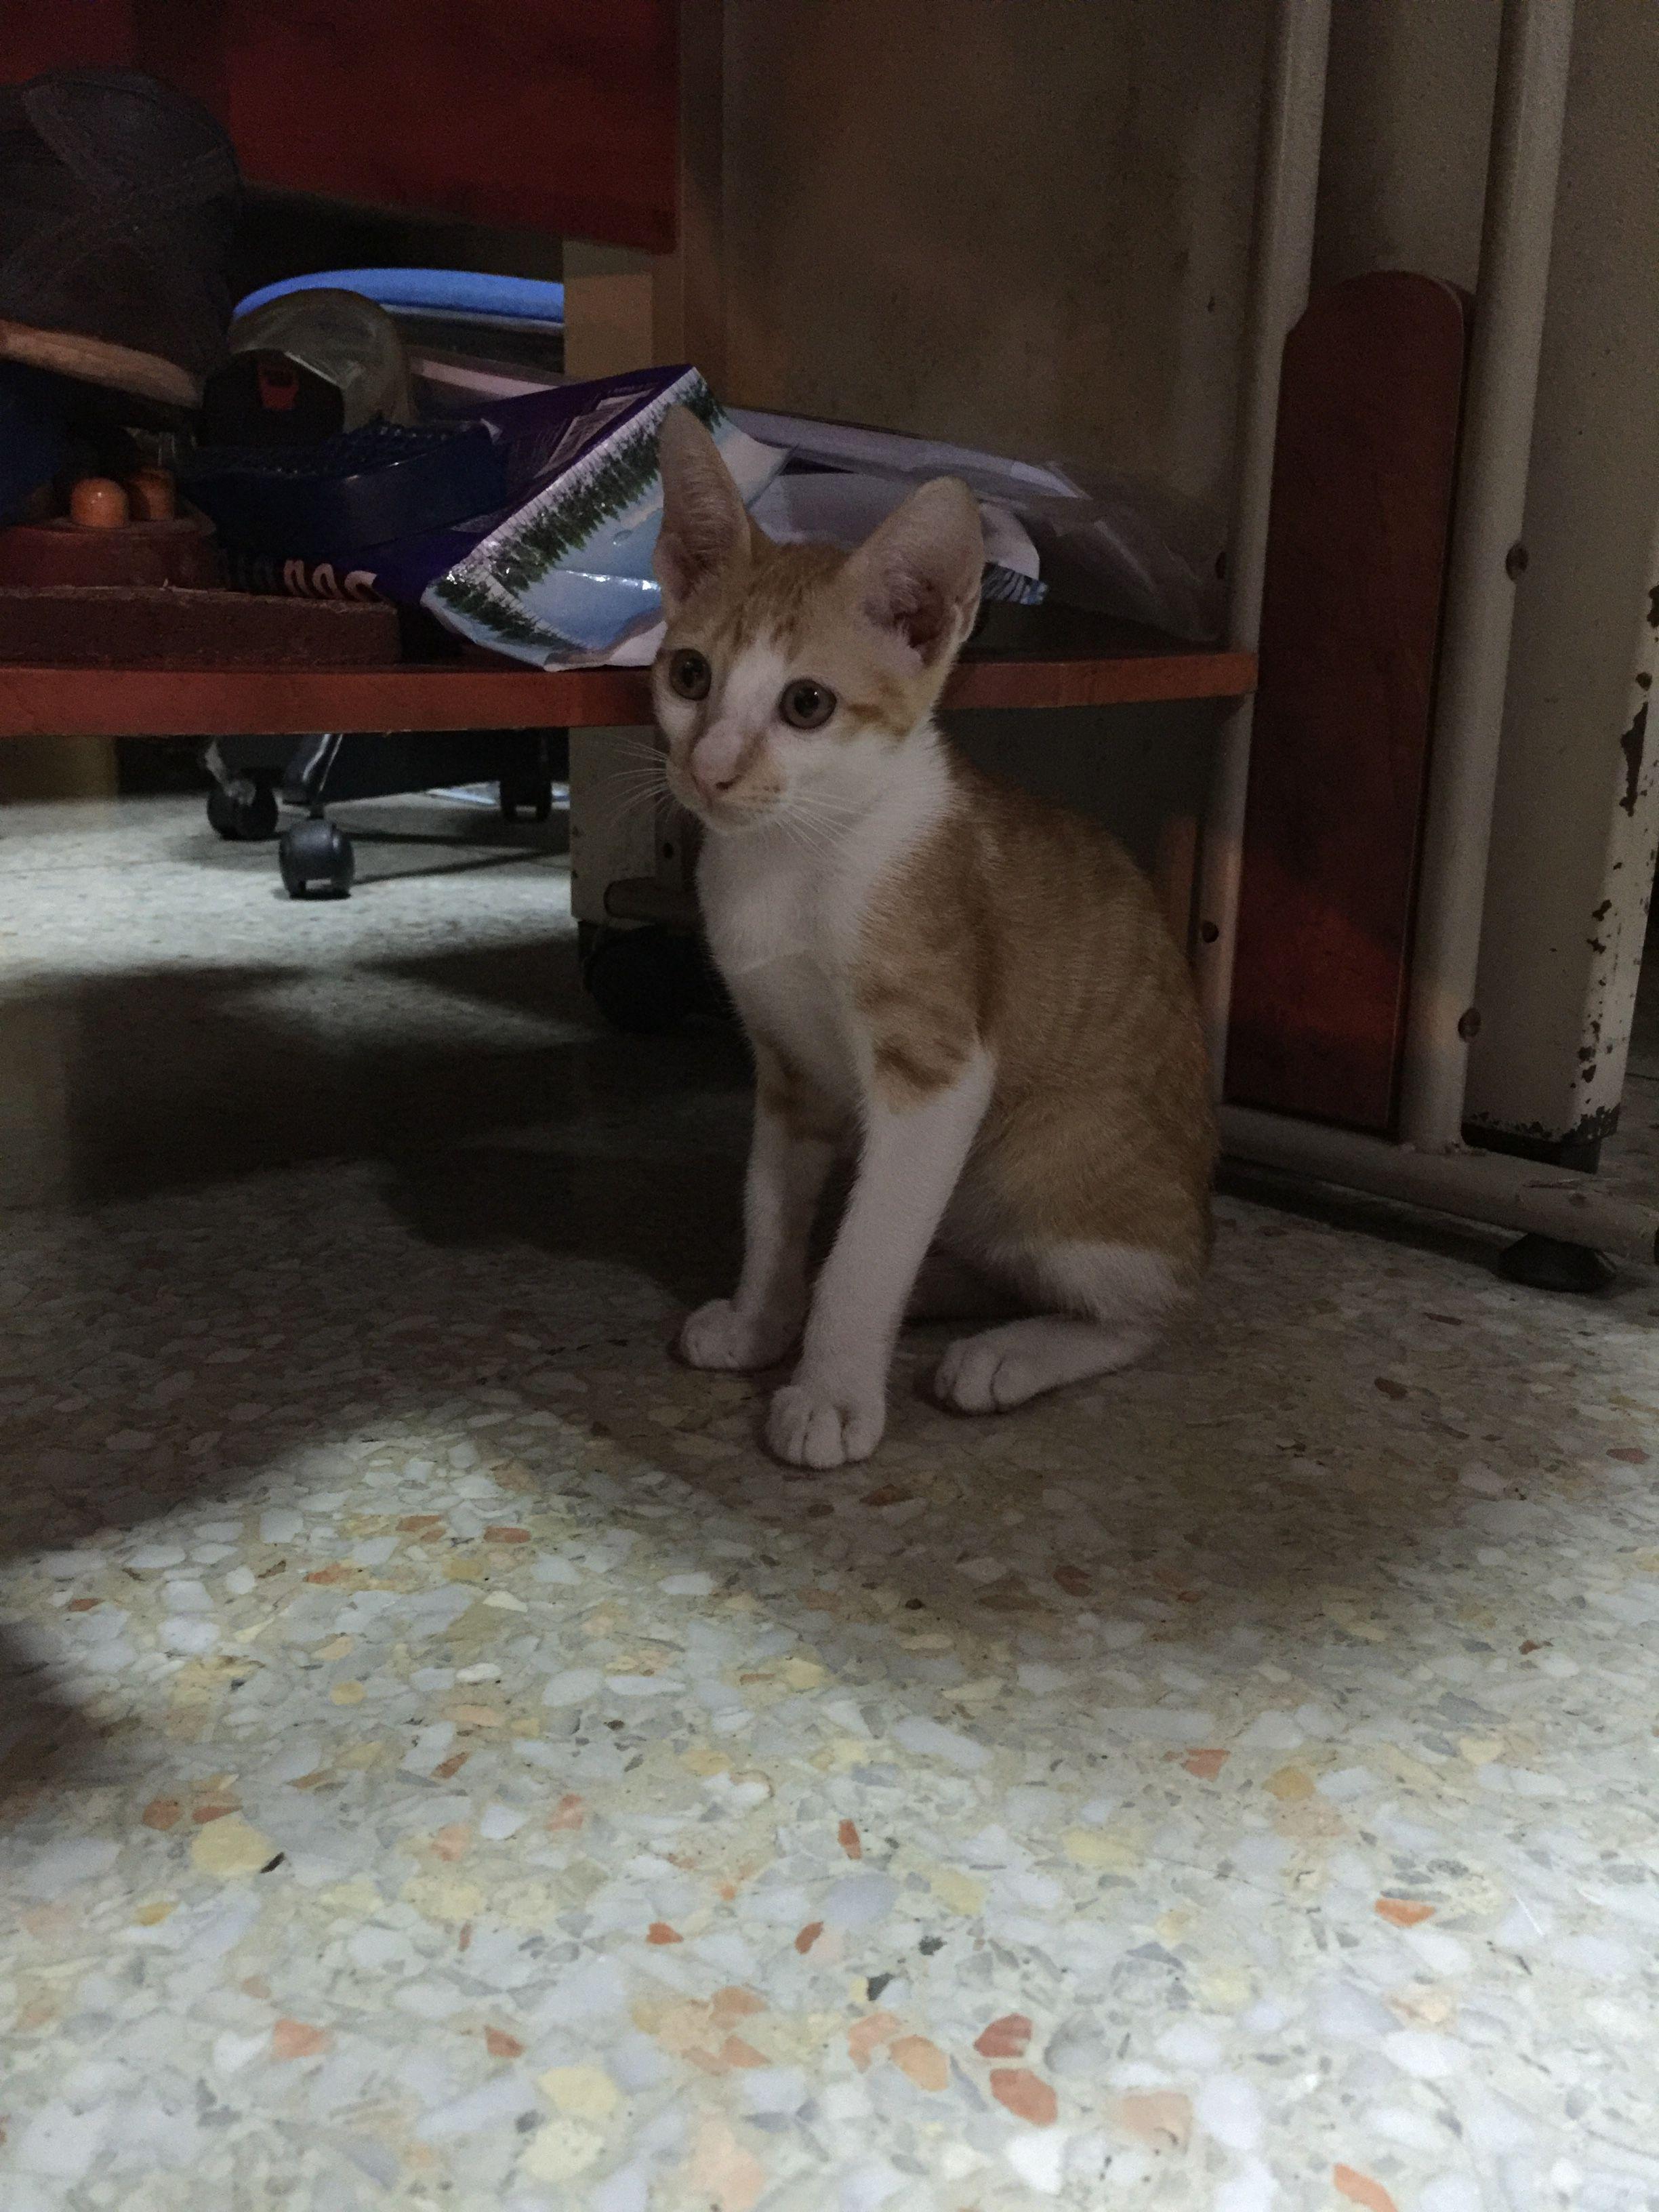 ป กพ นโดย Well Chanokkamon ใน Kitten